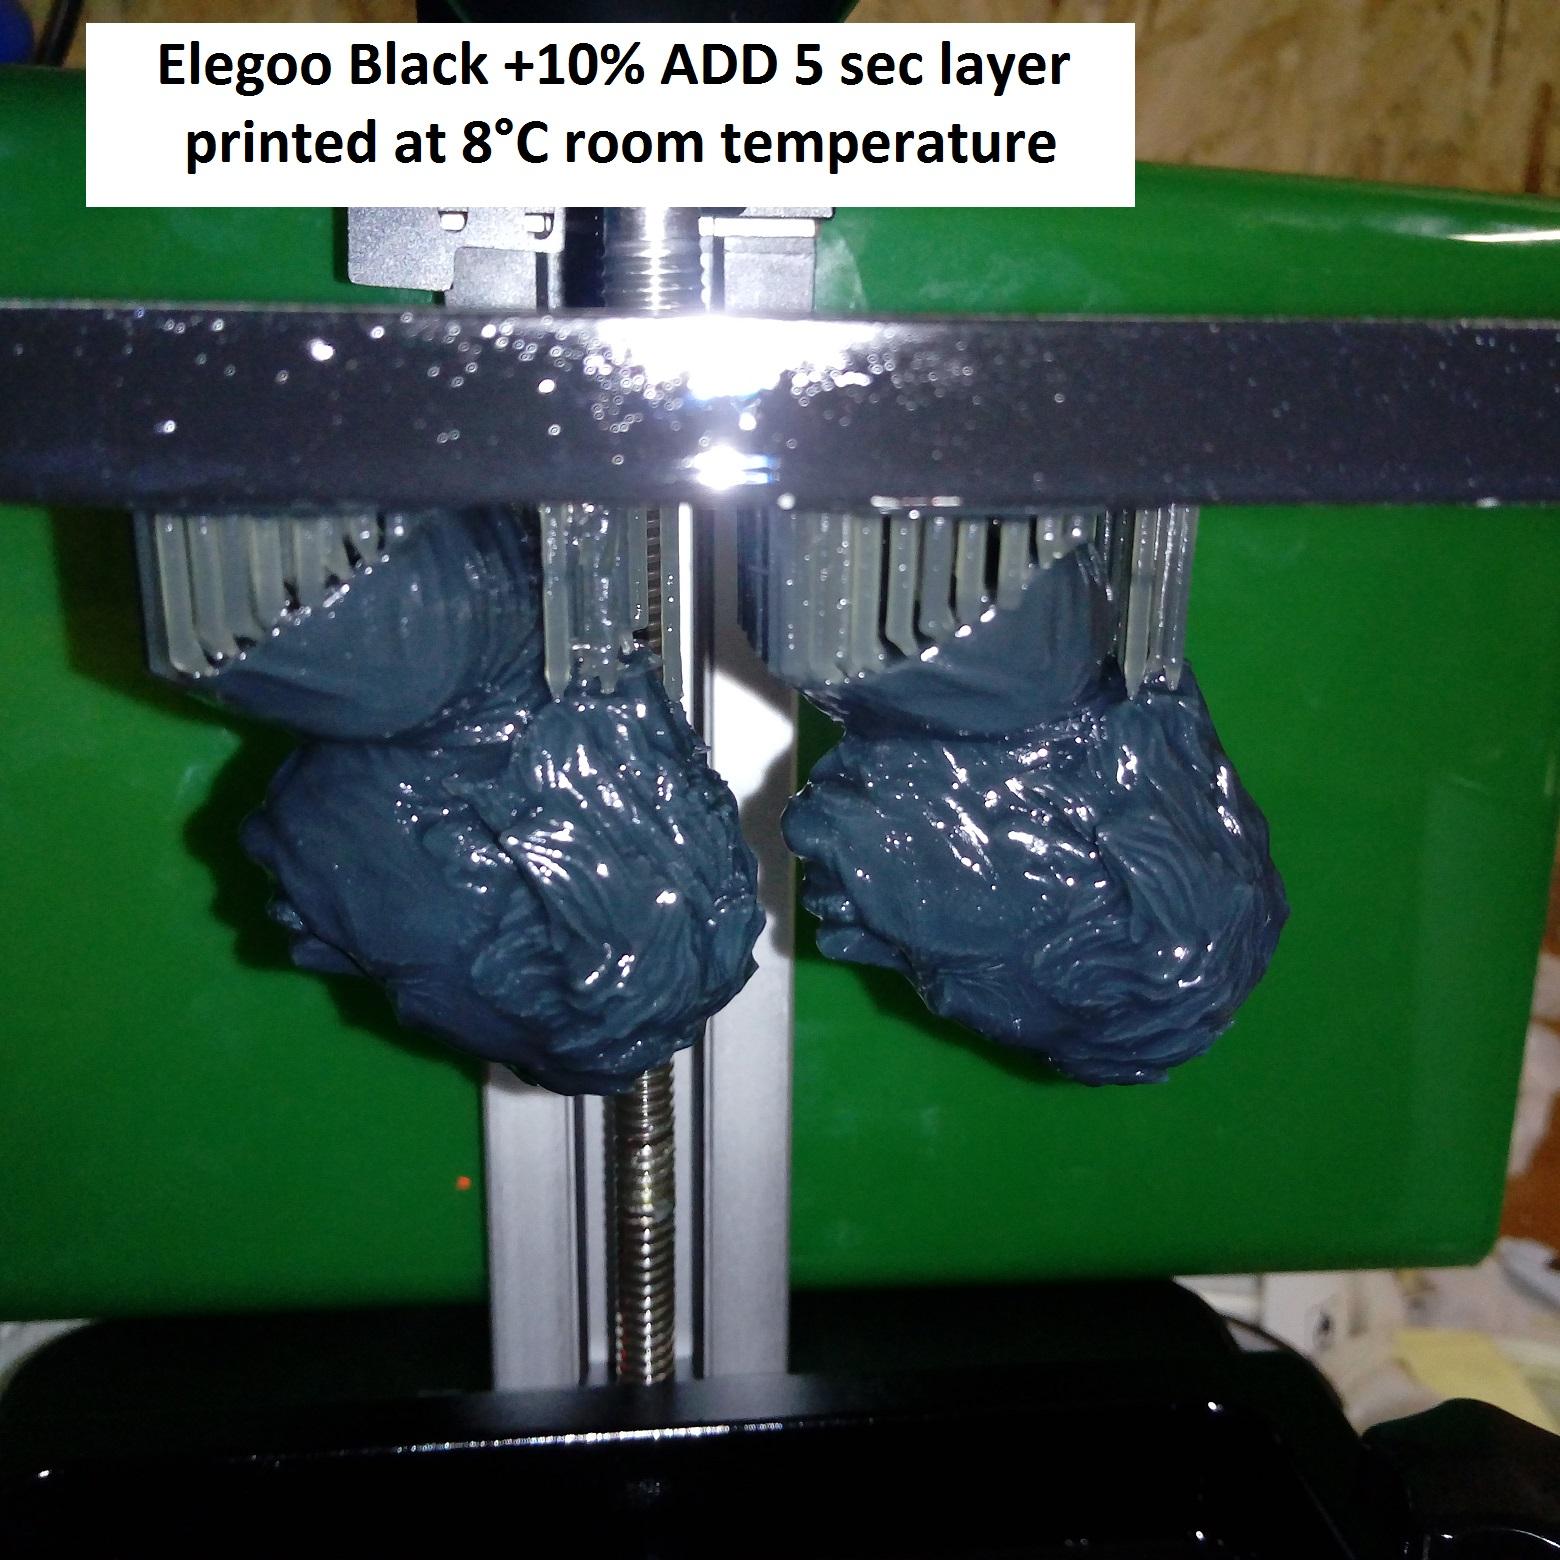 ADDX anti sticky additive for DLP/LCD/SLA resins-500ml